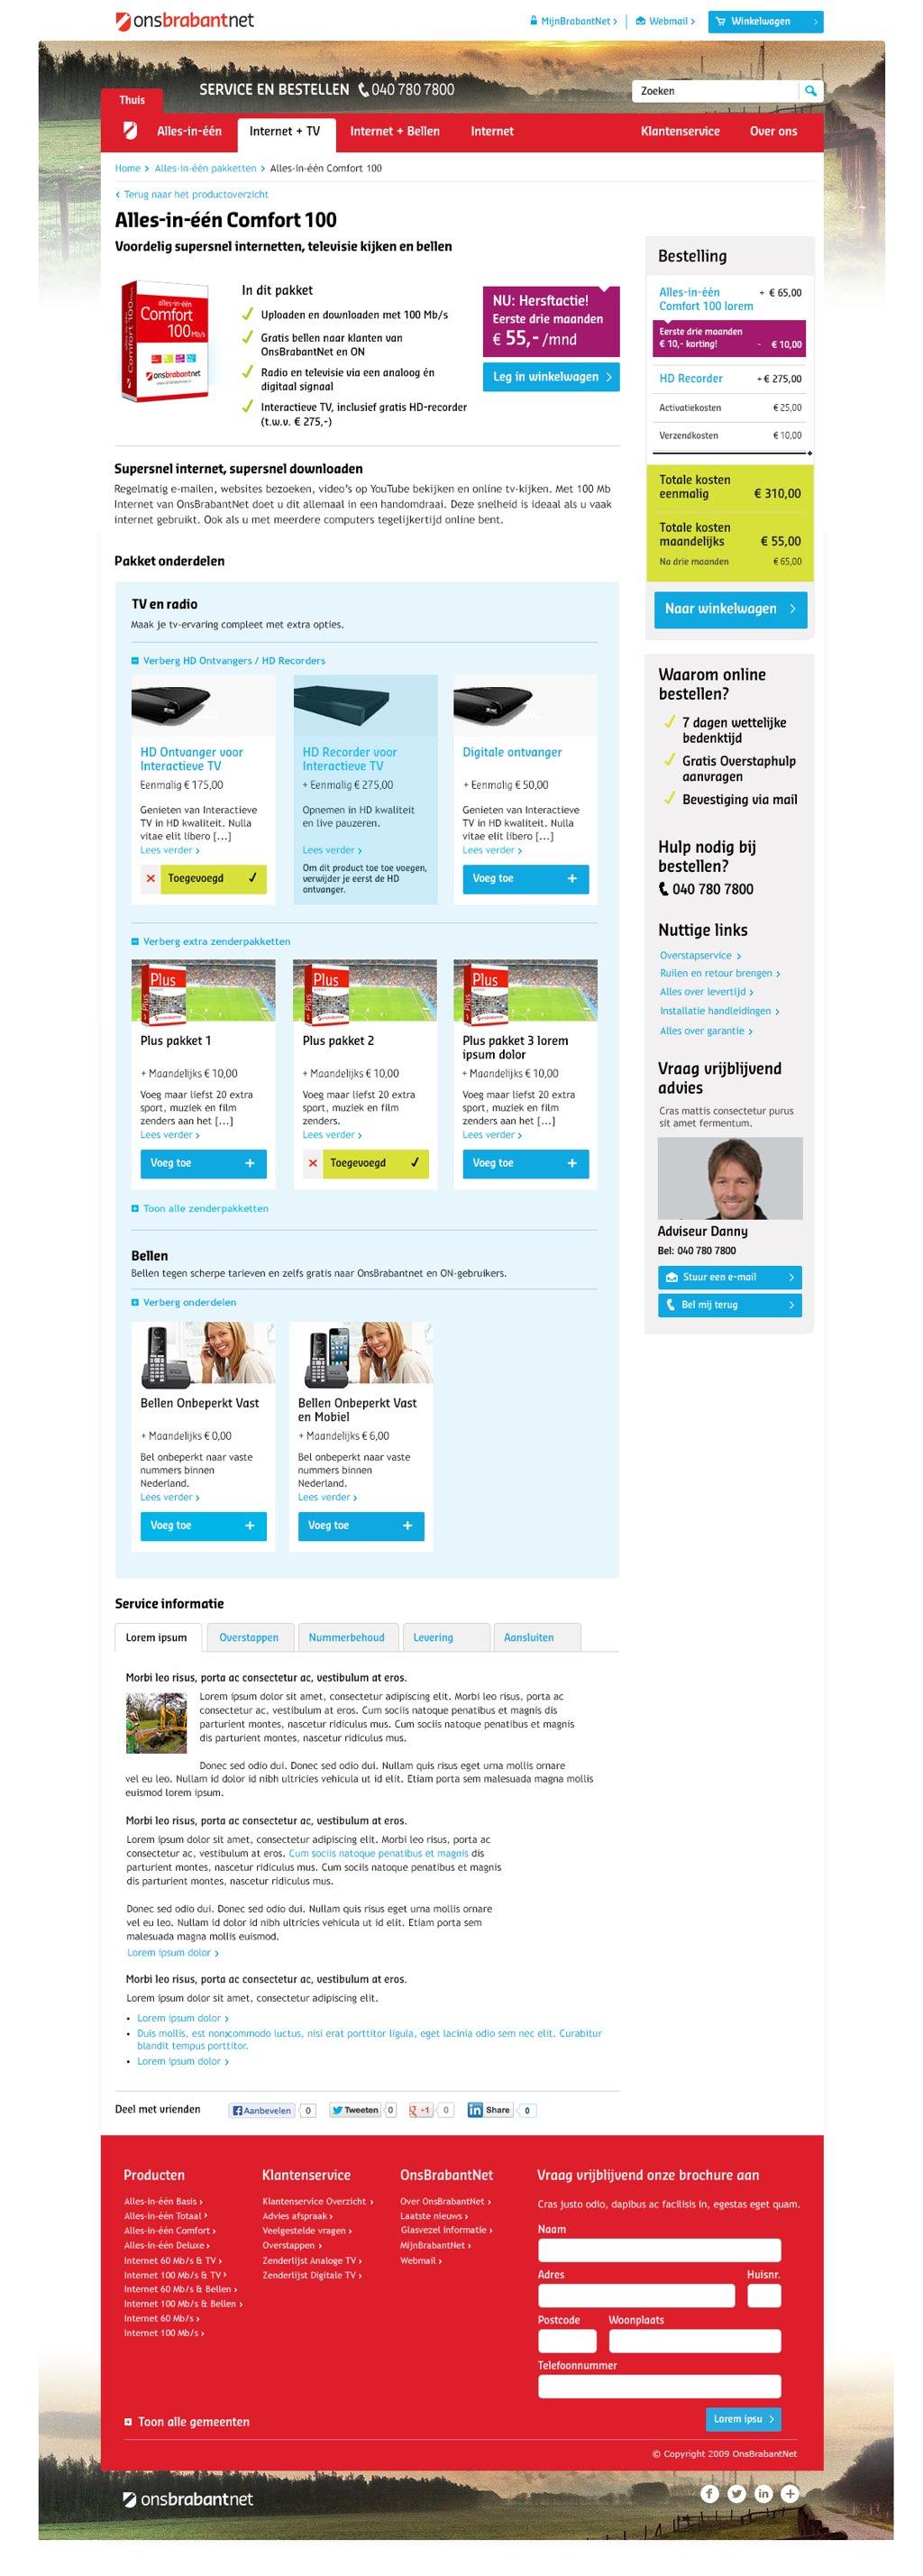 Afbeelding 8 van 11 - OnsBrabantNet re-design webshop - Nieuwe Product Detail pagina